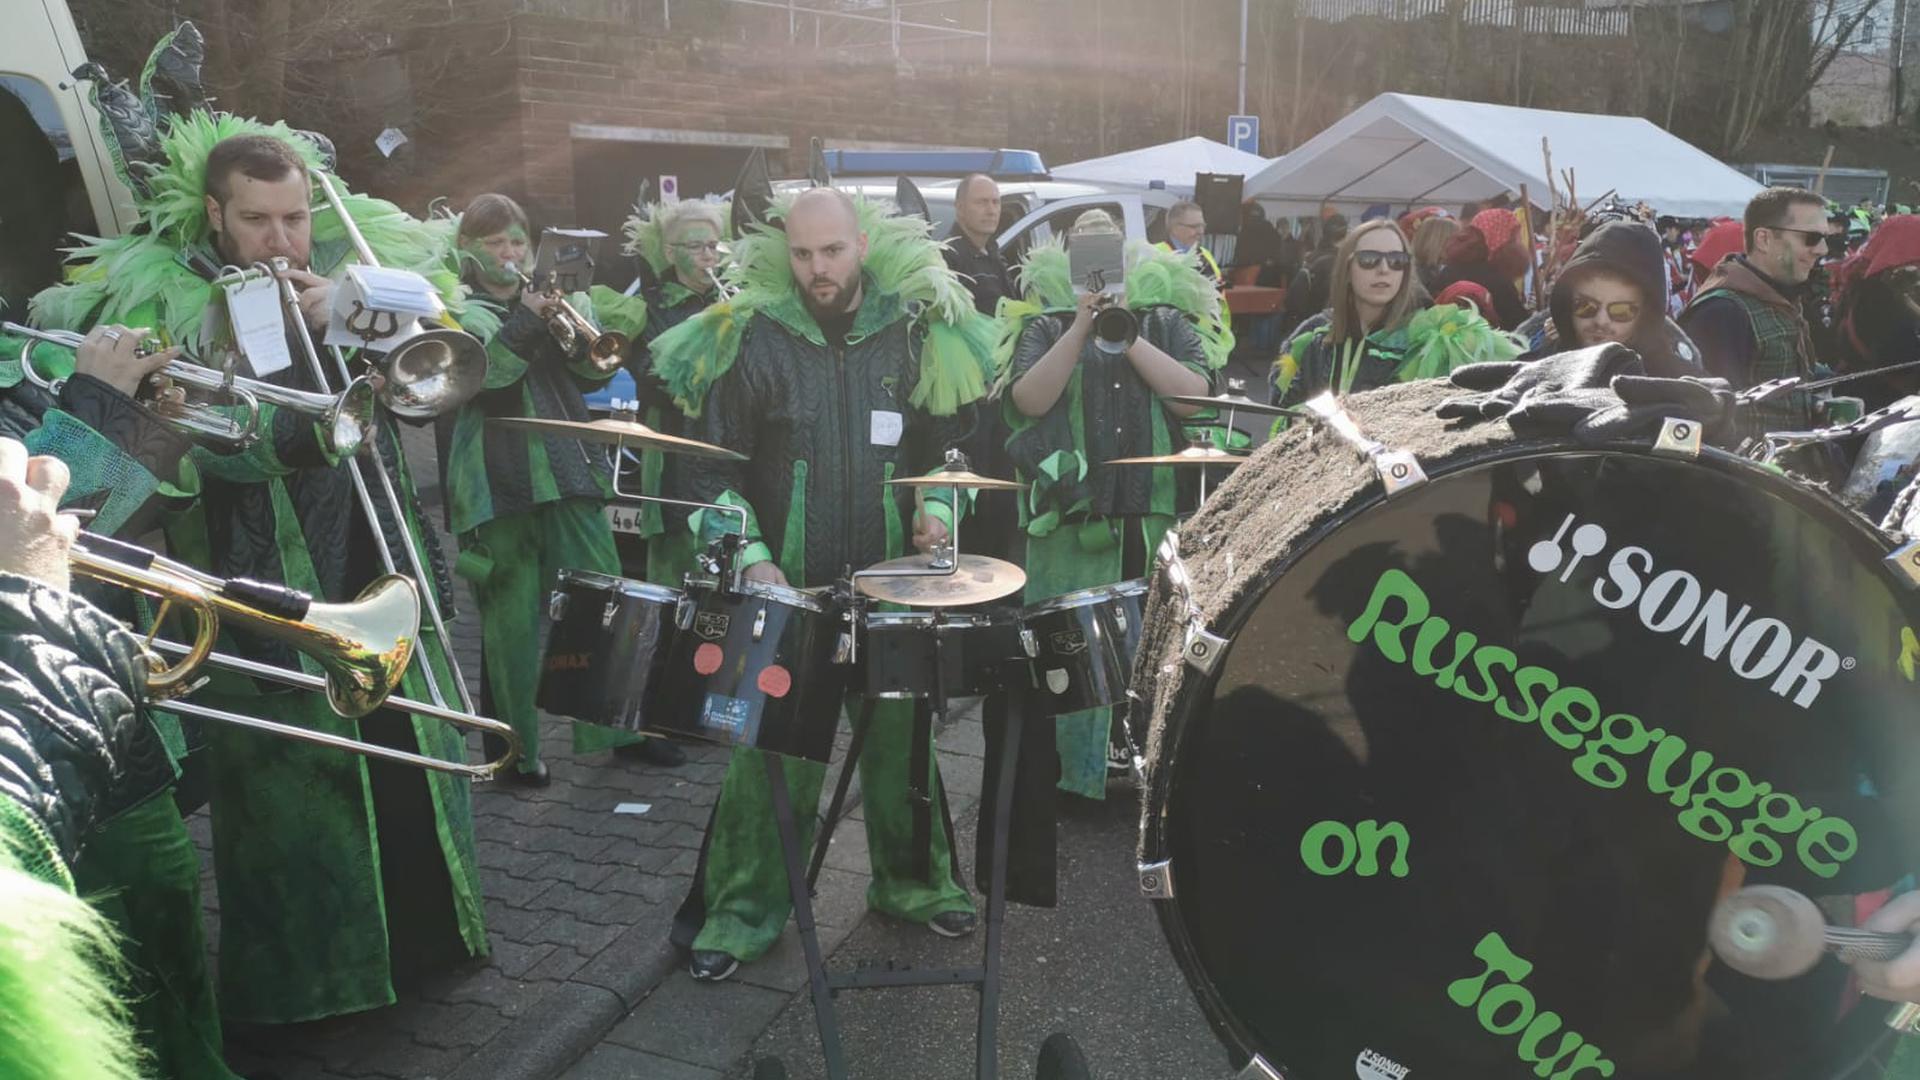 Der Auerbacher Spitzname Russe, diente der örtlichen Gugge-Musik als Namensgeben. Der schräge Klangkörper transportiert diesen über die Fasnetkampagne in coronafreien Jahren damit in die Region.